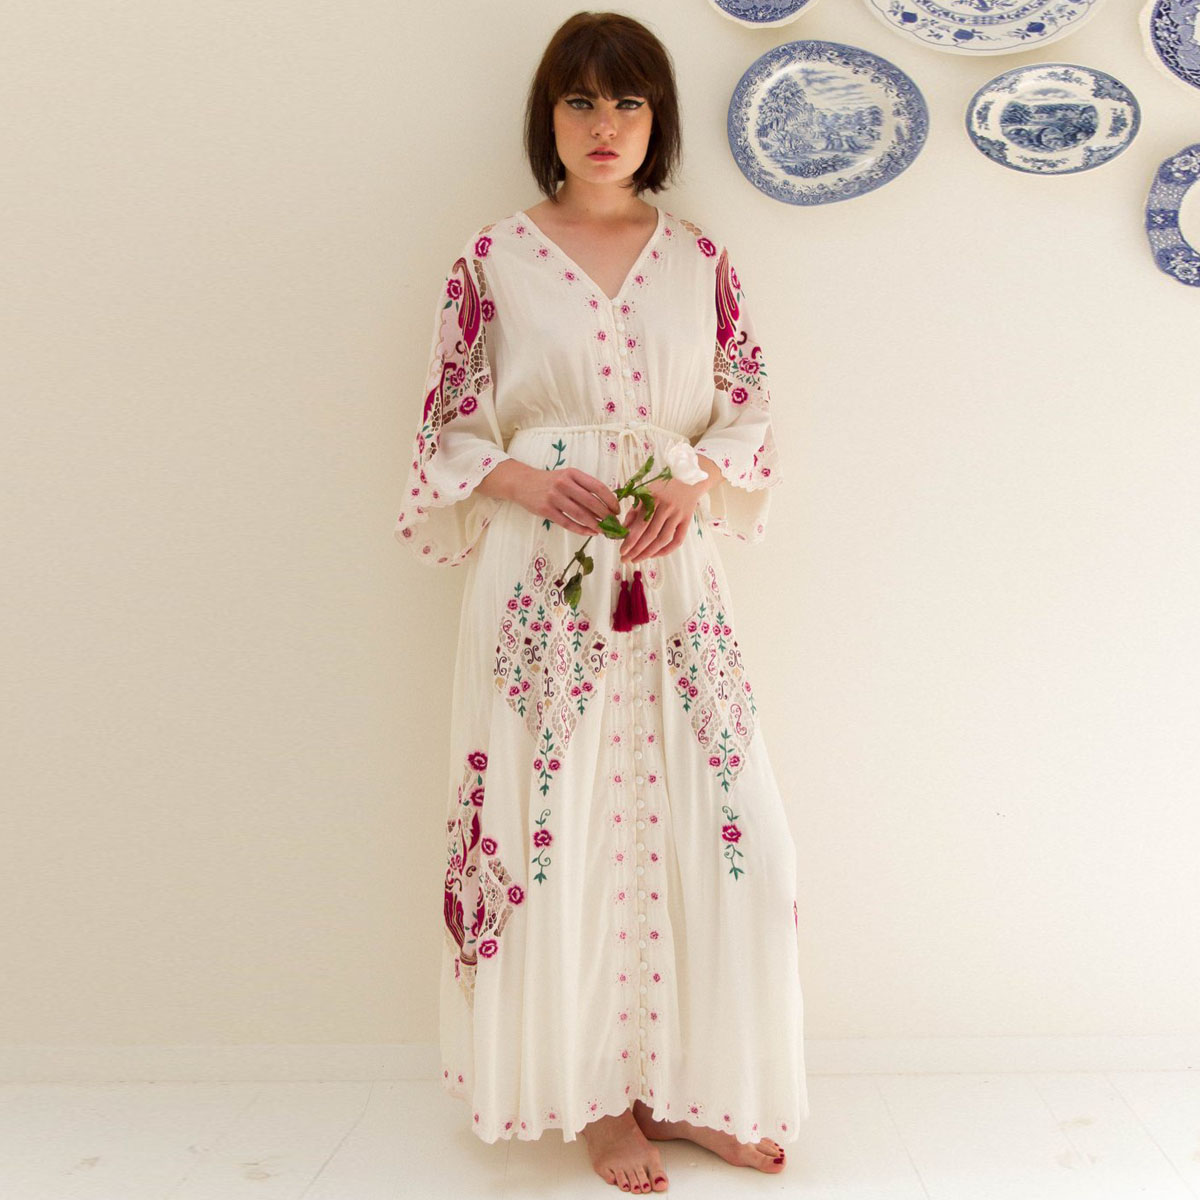 Jastie Floral Brodé Boho Robe Col V Manches Chauve-Souris robes de femmes Lâche grande taille Longue robe maxi Robes D'été Robes